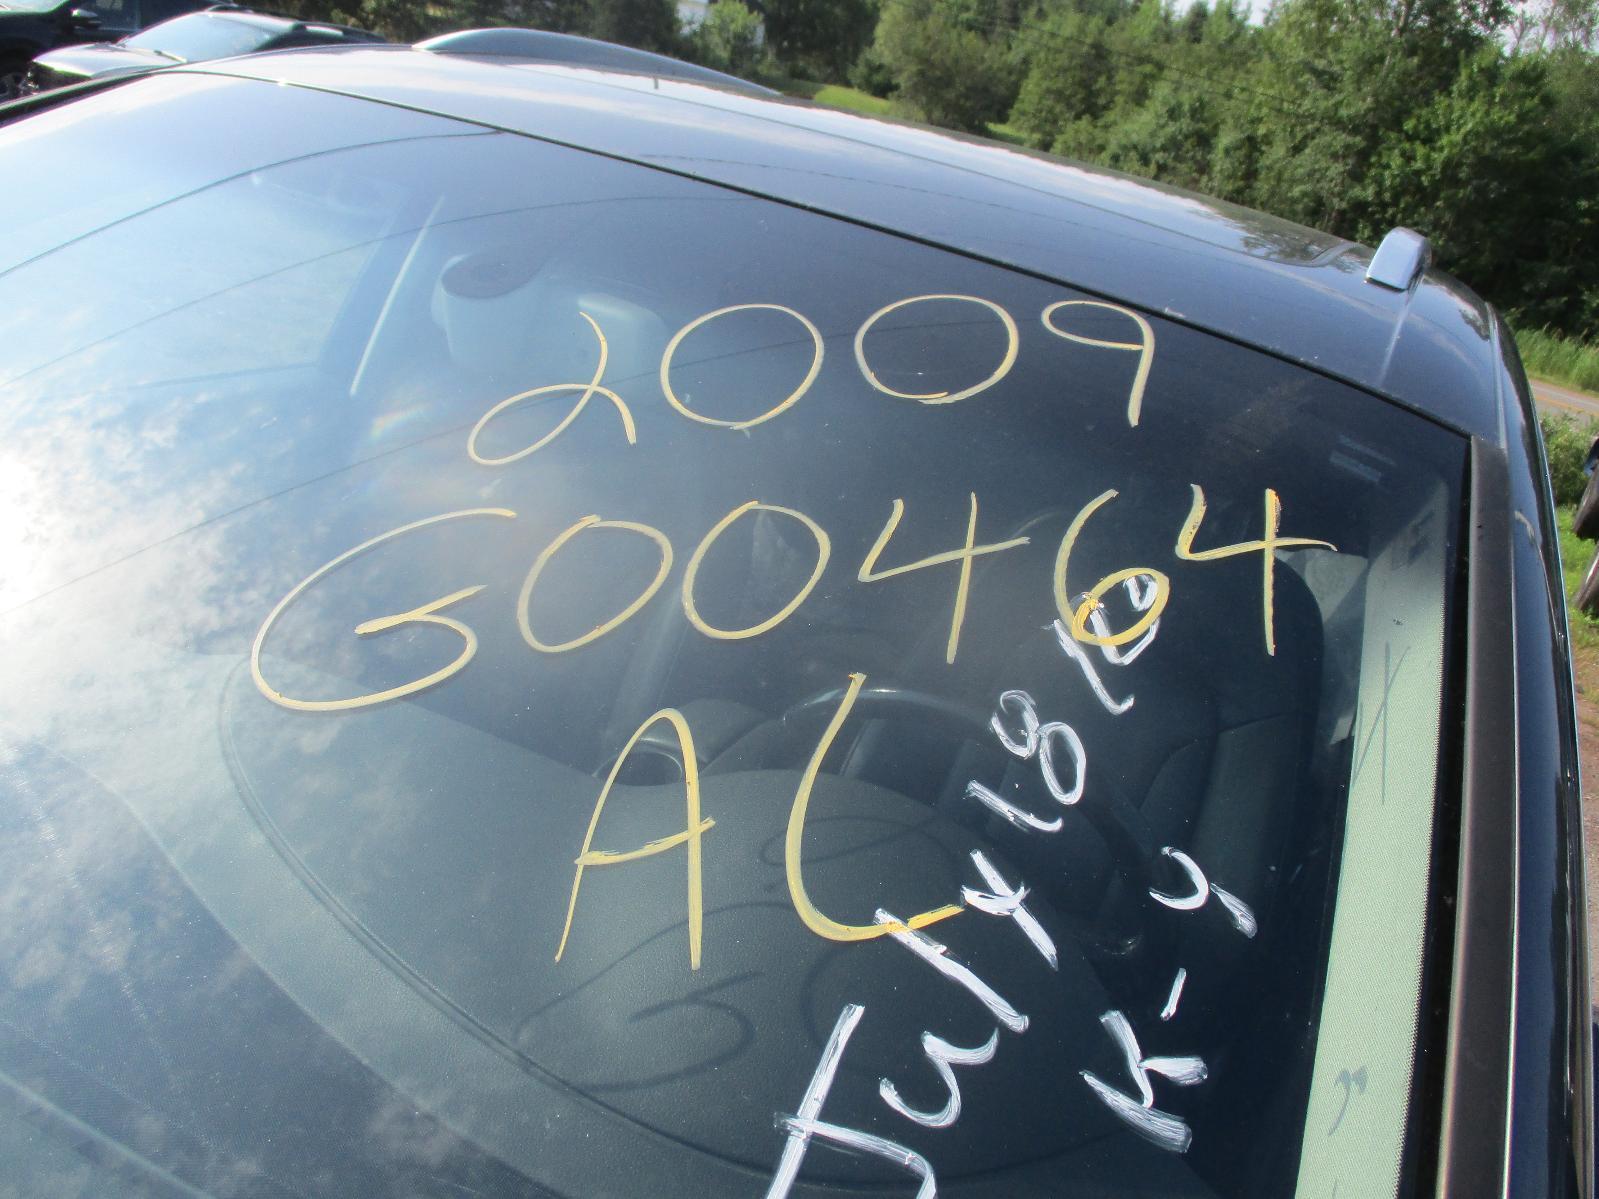 2009 Audi Q7 S-Line – #G00464 full